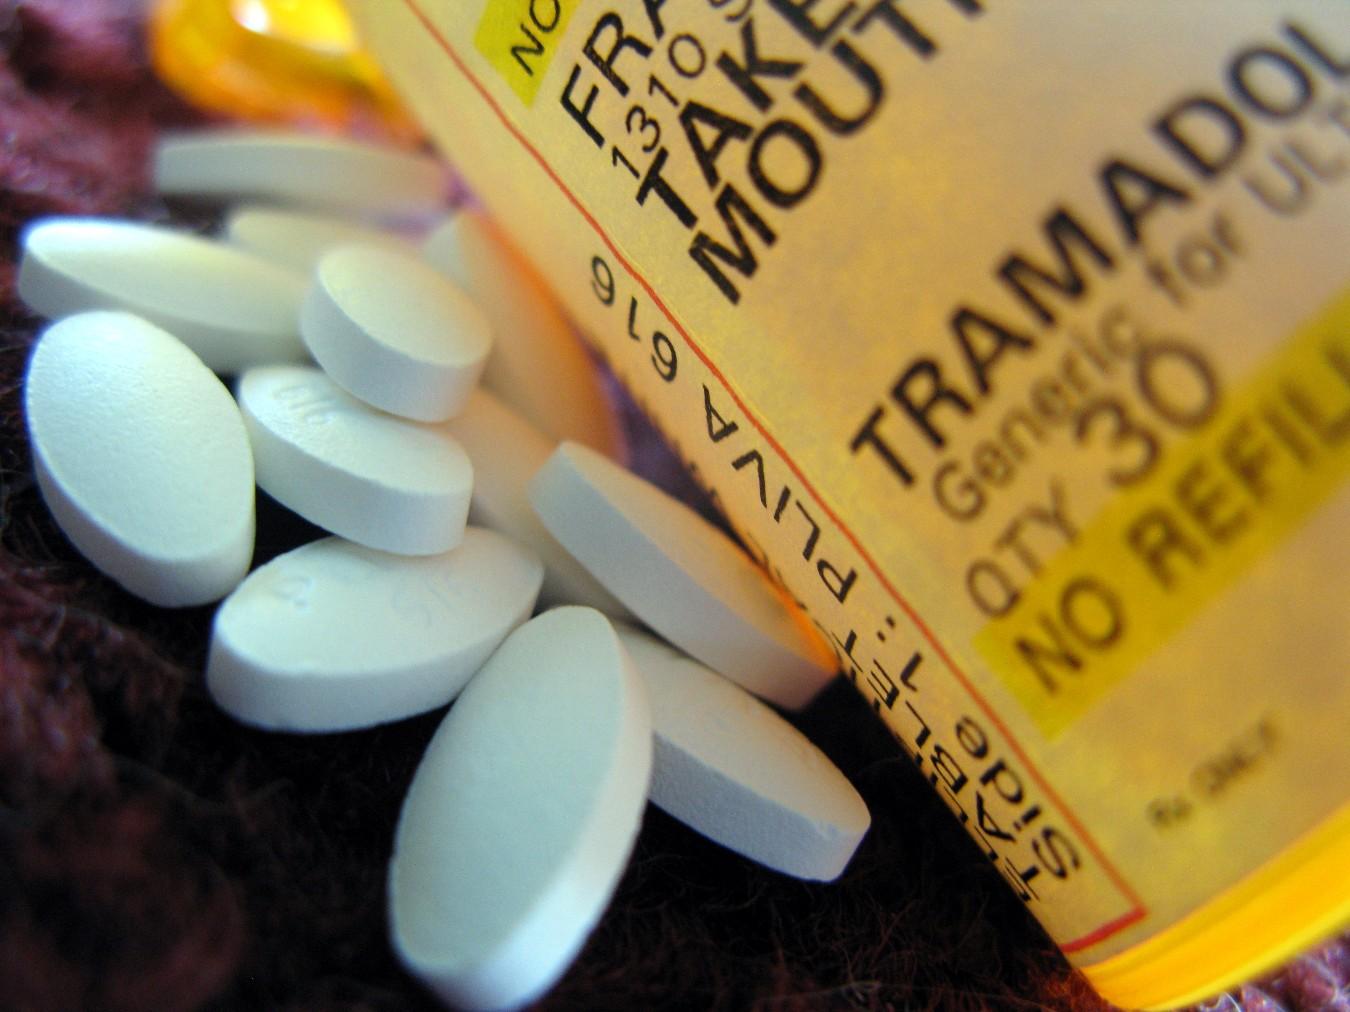 opioid painkiller Tramadol